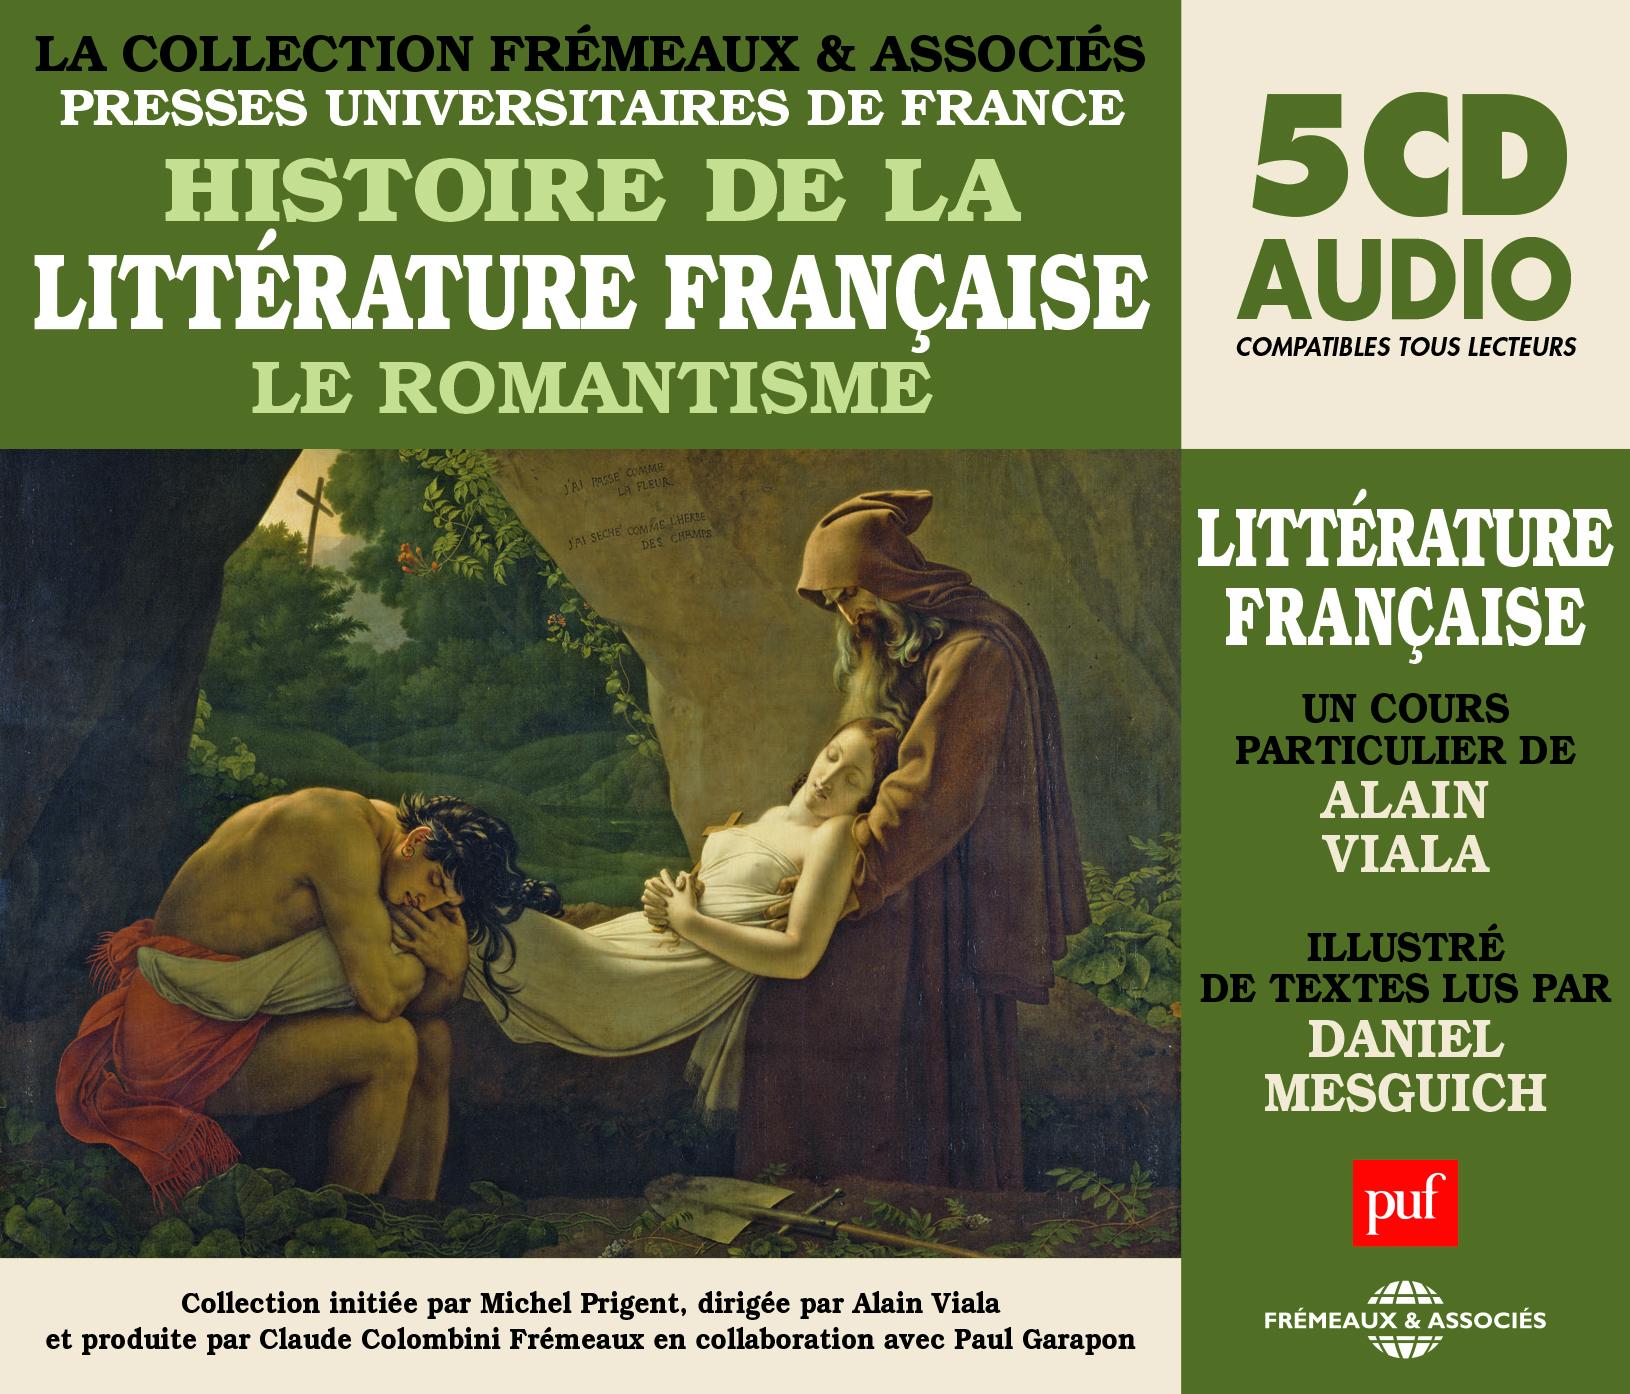 HISTOIRE DE LA LITTERATURE FRANCAISE VOL 5, LE ROMANTISME - UN COURS PARTICULIER DE ALAIN VIALA ILLU